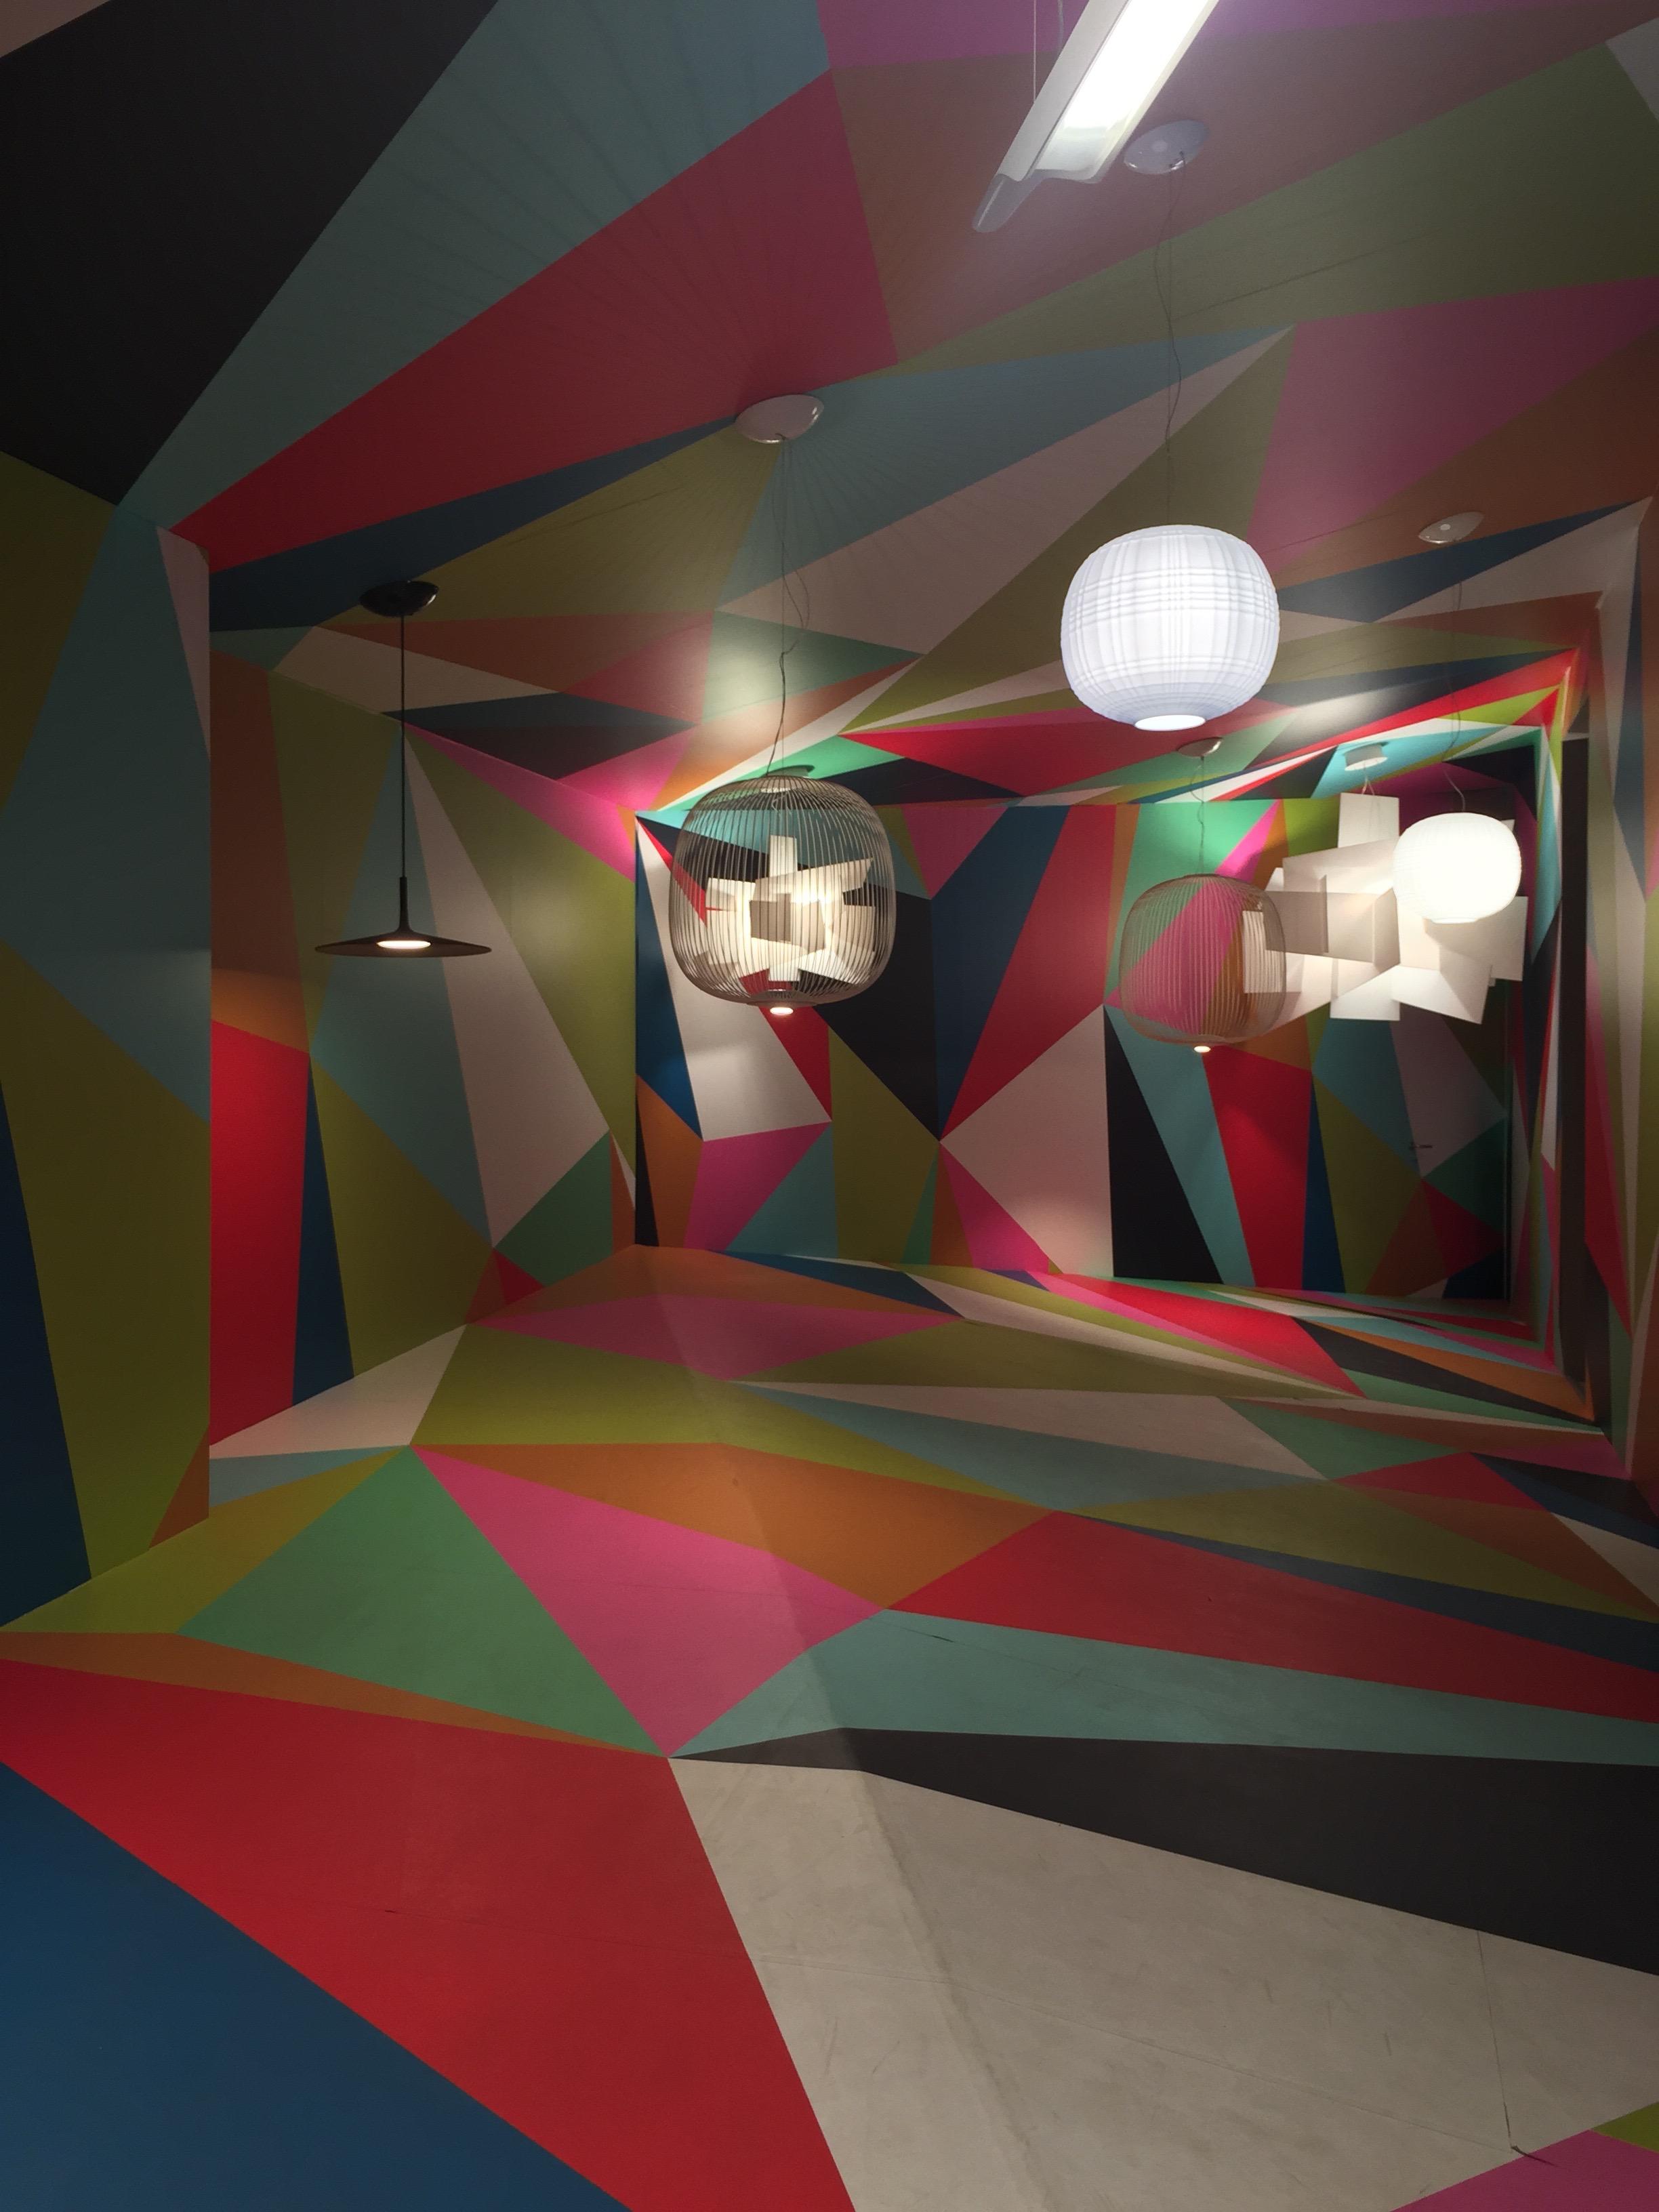 """Foscarini, Brera, installazione in stile """"camera ottica"""""""